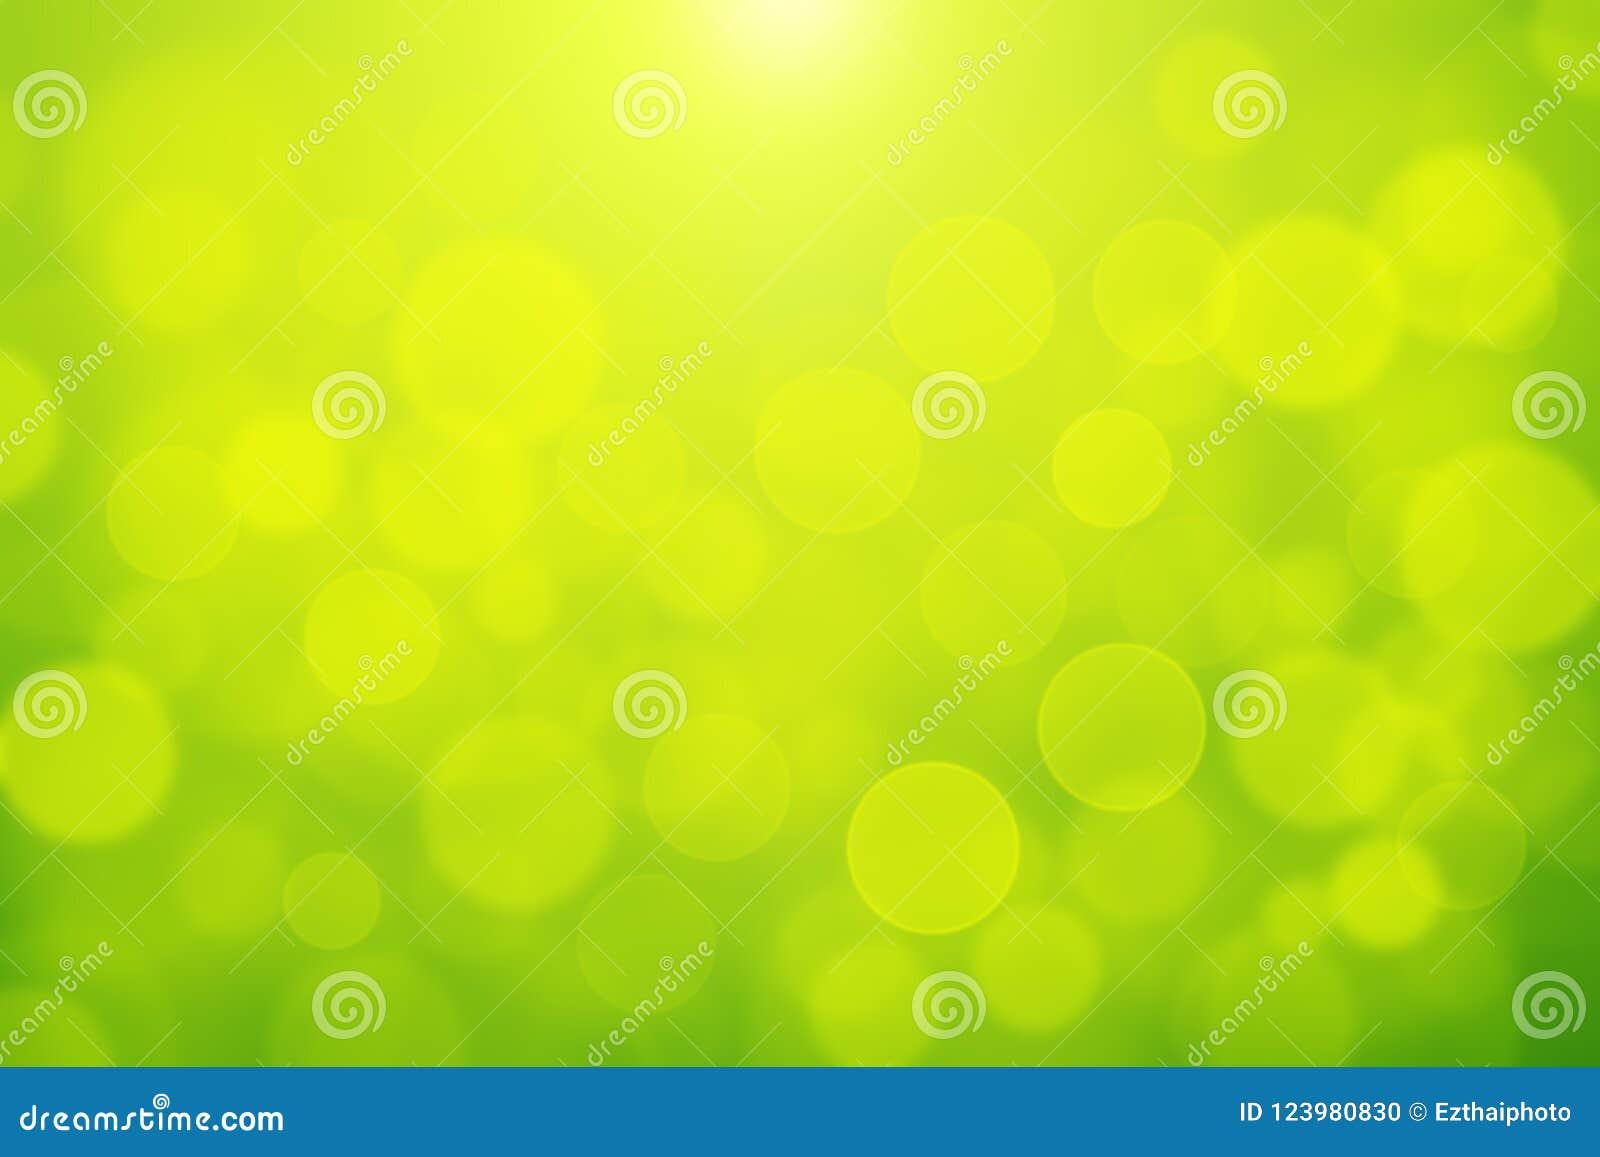 Bokeh blurly branco verde do fundo da luz do sumário do bokeh no fundo amarelo e verde